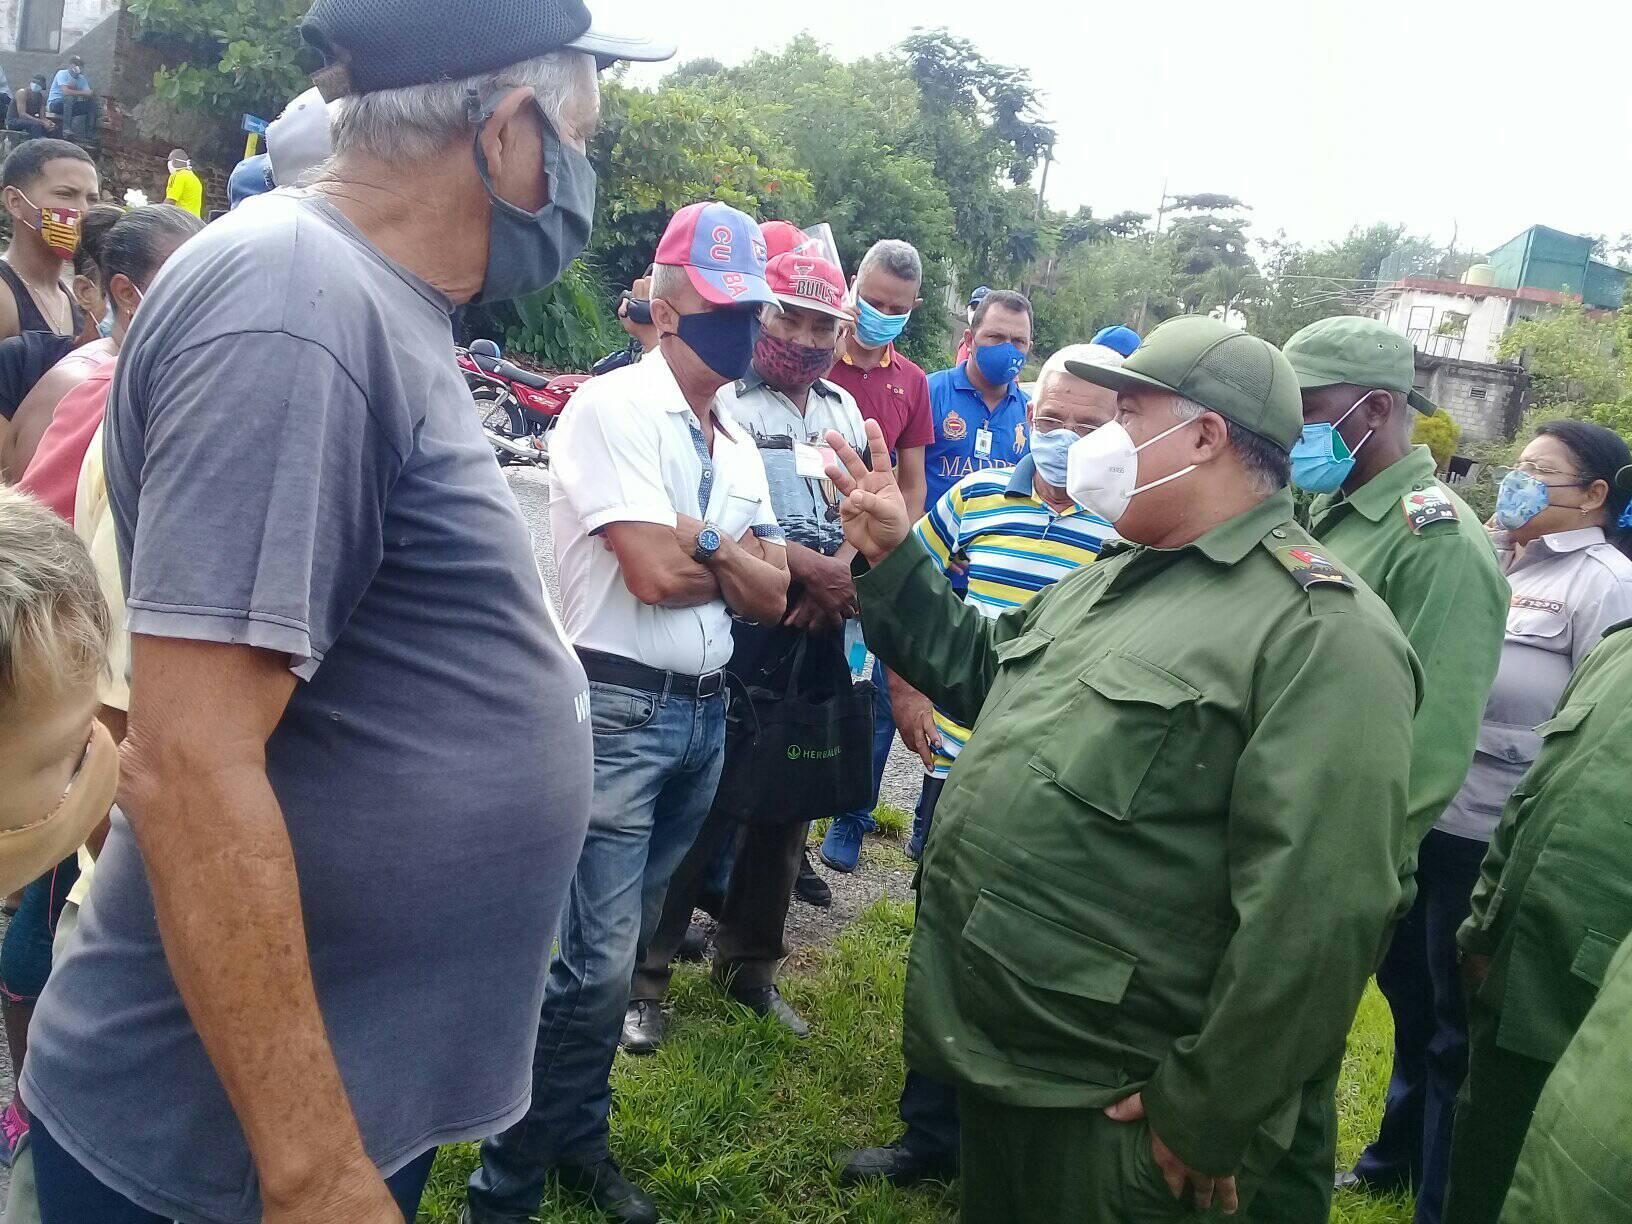 Consejo de Defensa recorre barrios afectados por intensas lluvias en Manzanillo (+fotos)